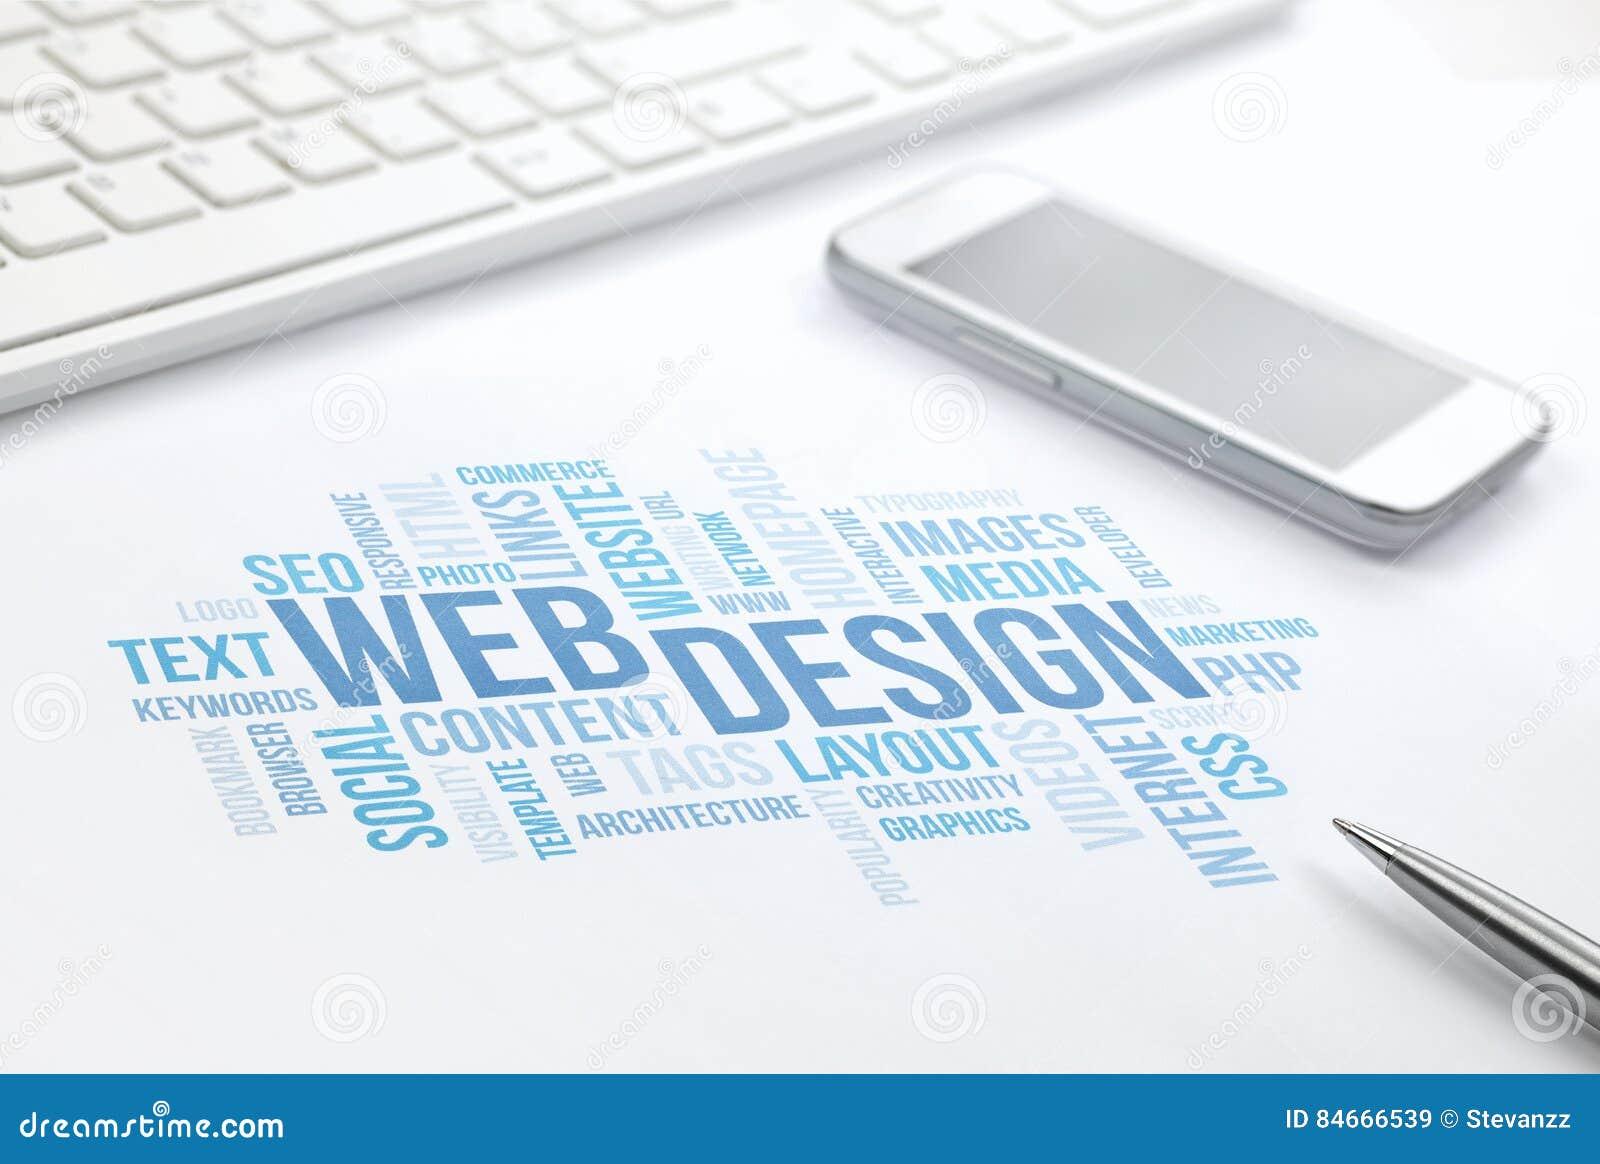 Hjälp för ledsagare uk designer